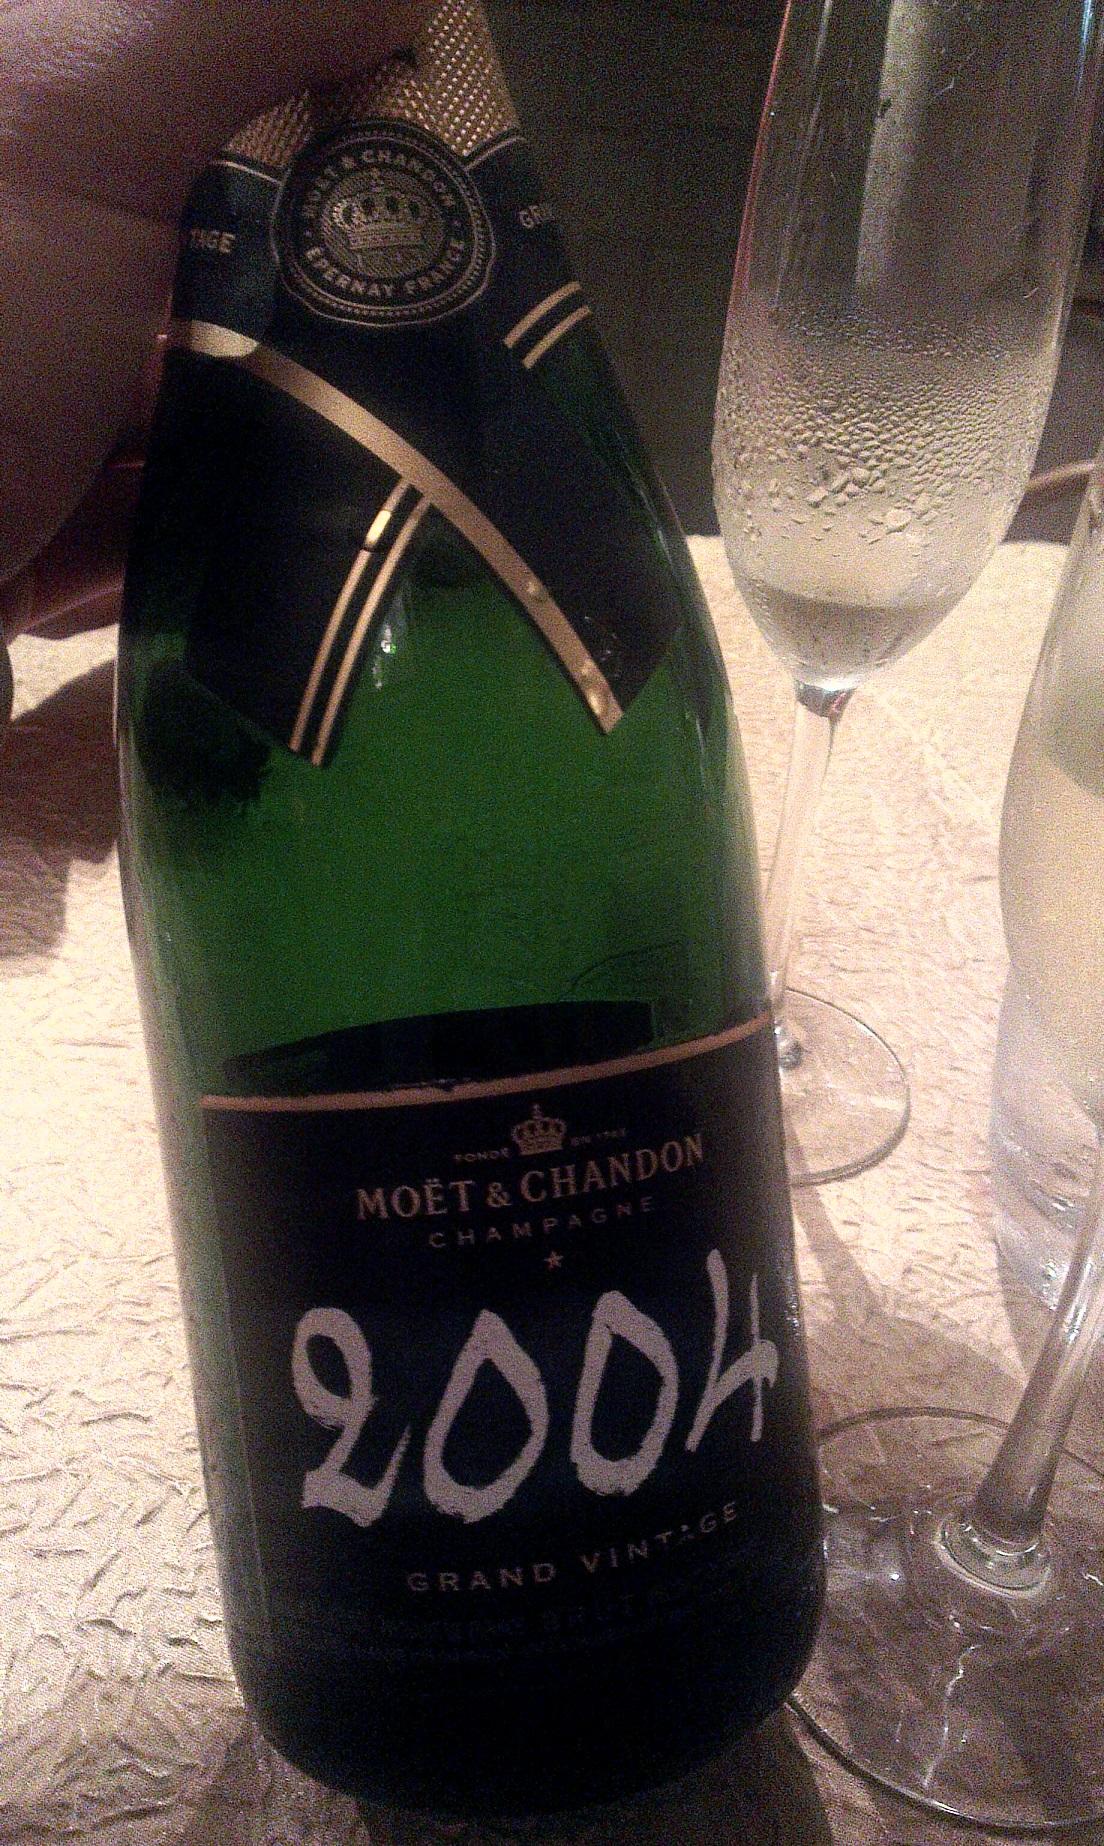 2004 Moet & Chandon vintage